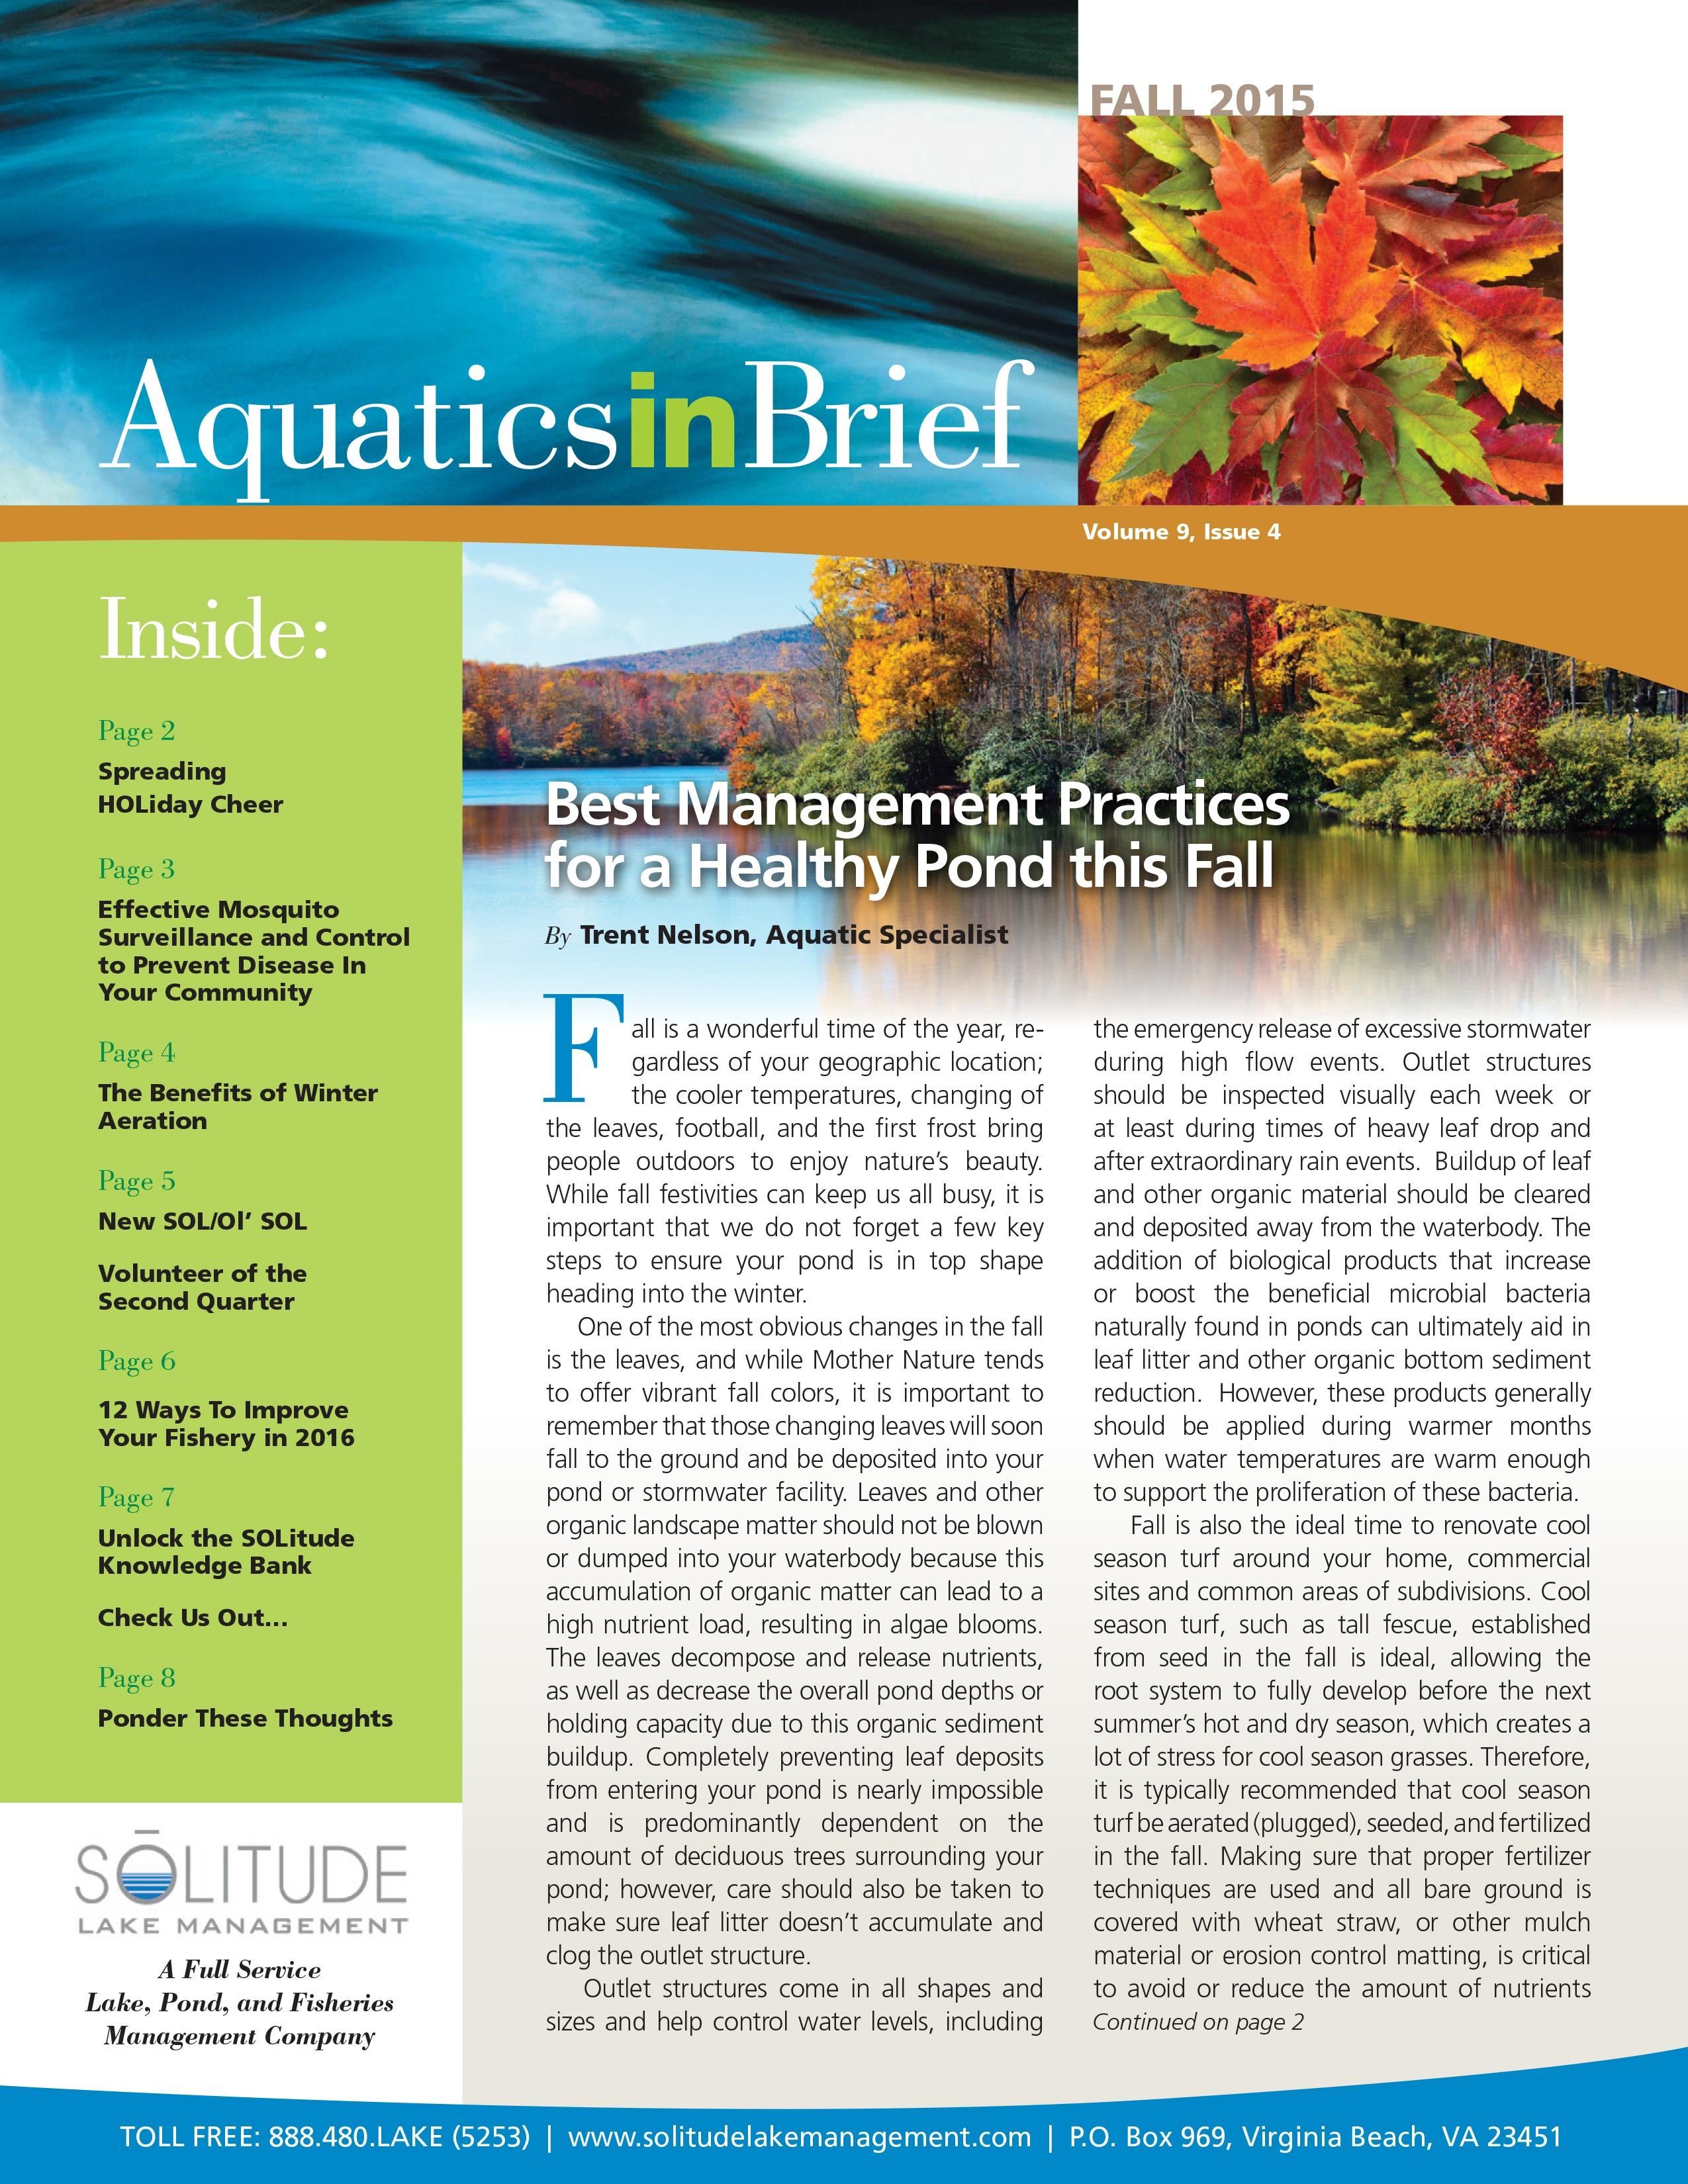 aquatics-in-brief-fall-2015